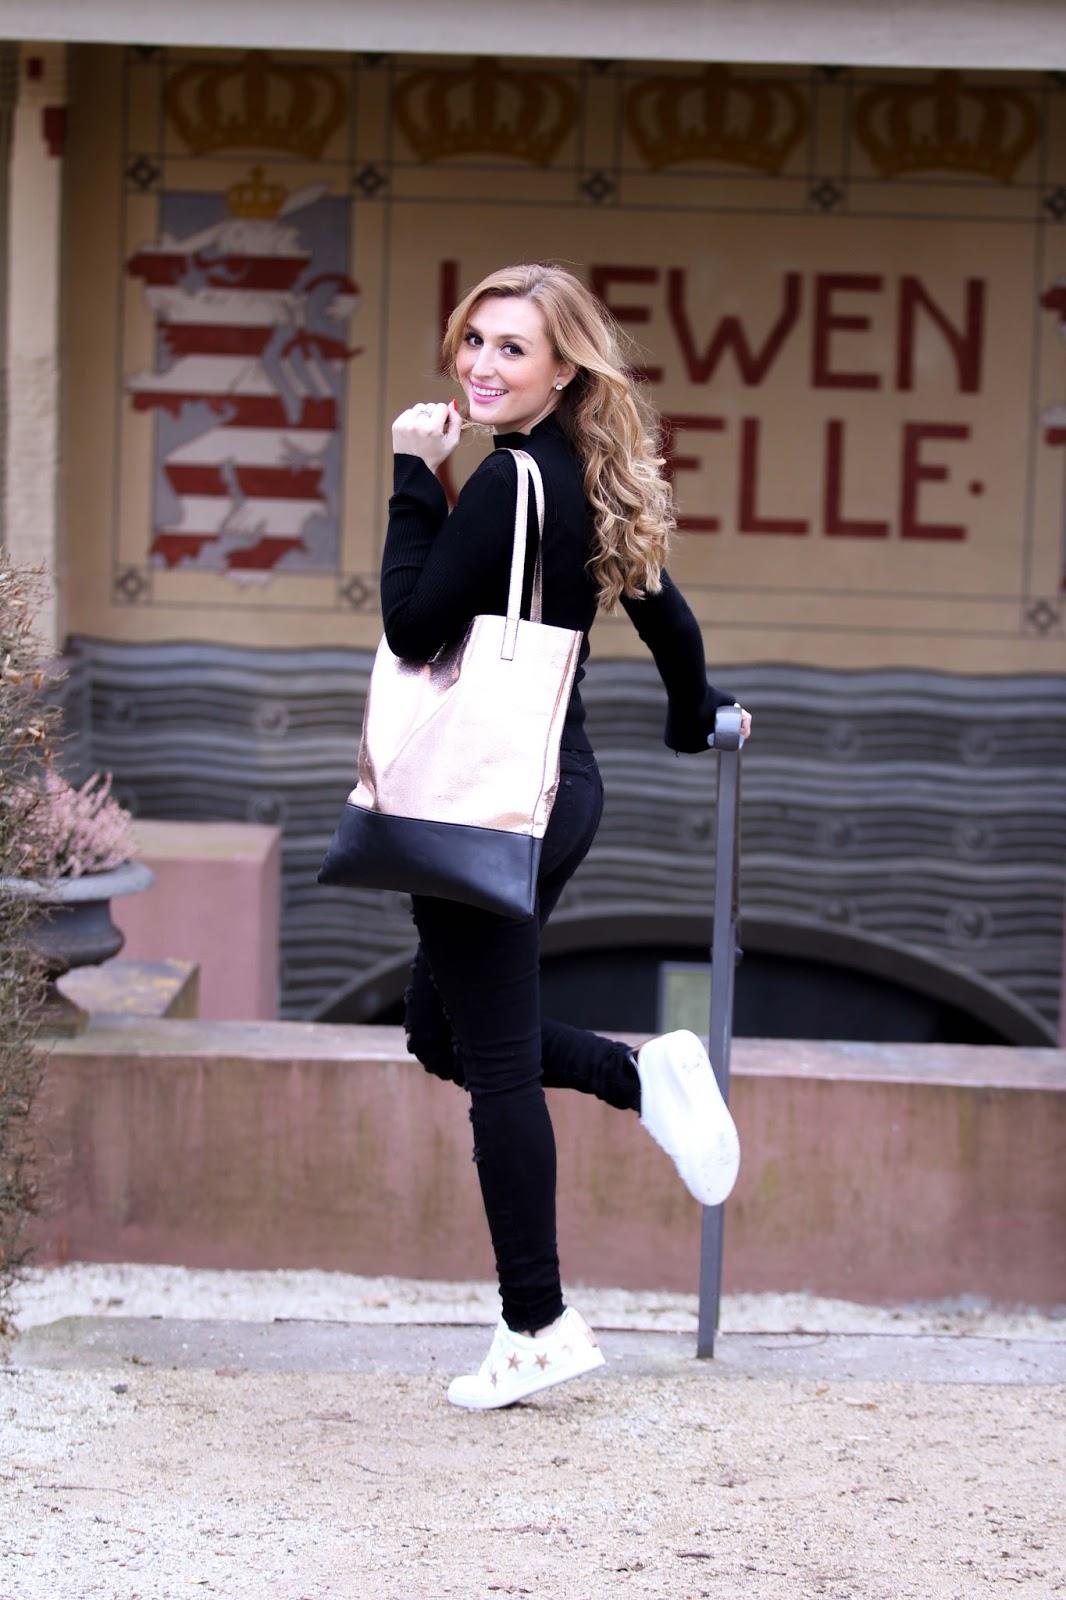 schwarze-ripped-jeans-turnschuhe-silberne-tasche-fashionblogger-blogger-aus-deutschland